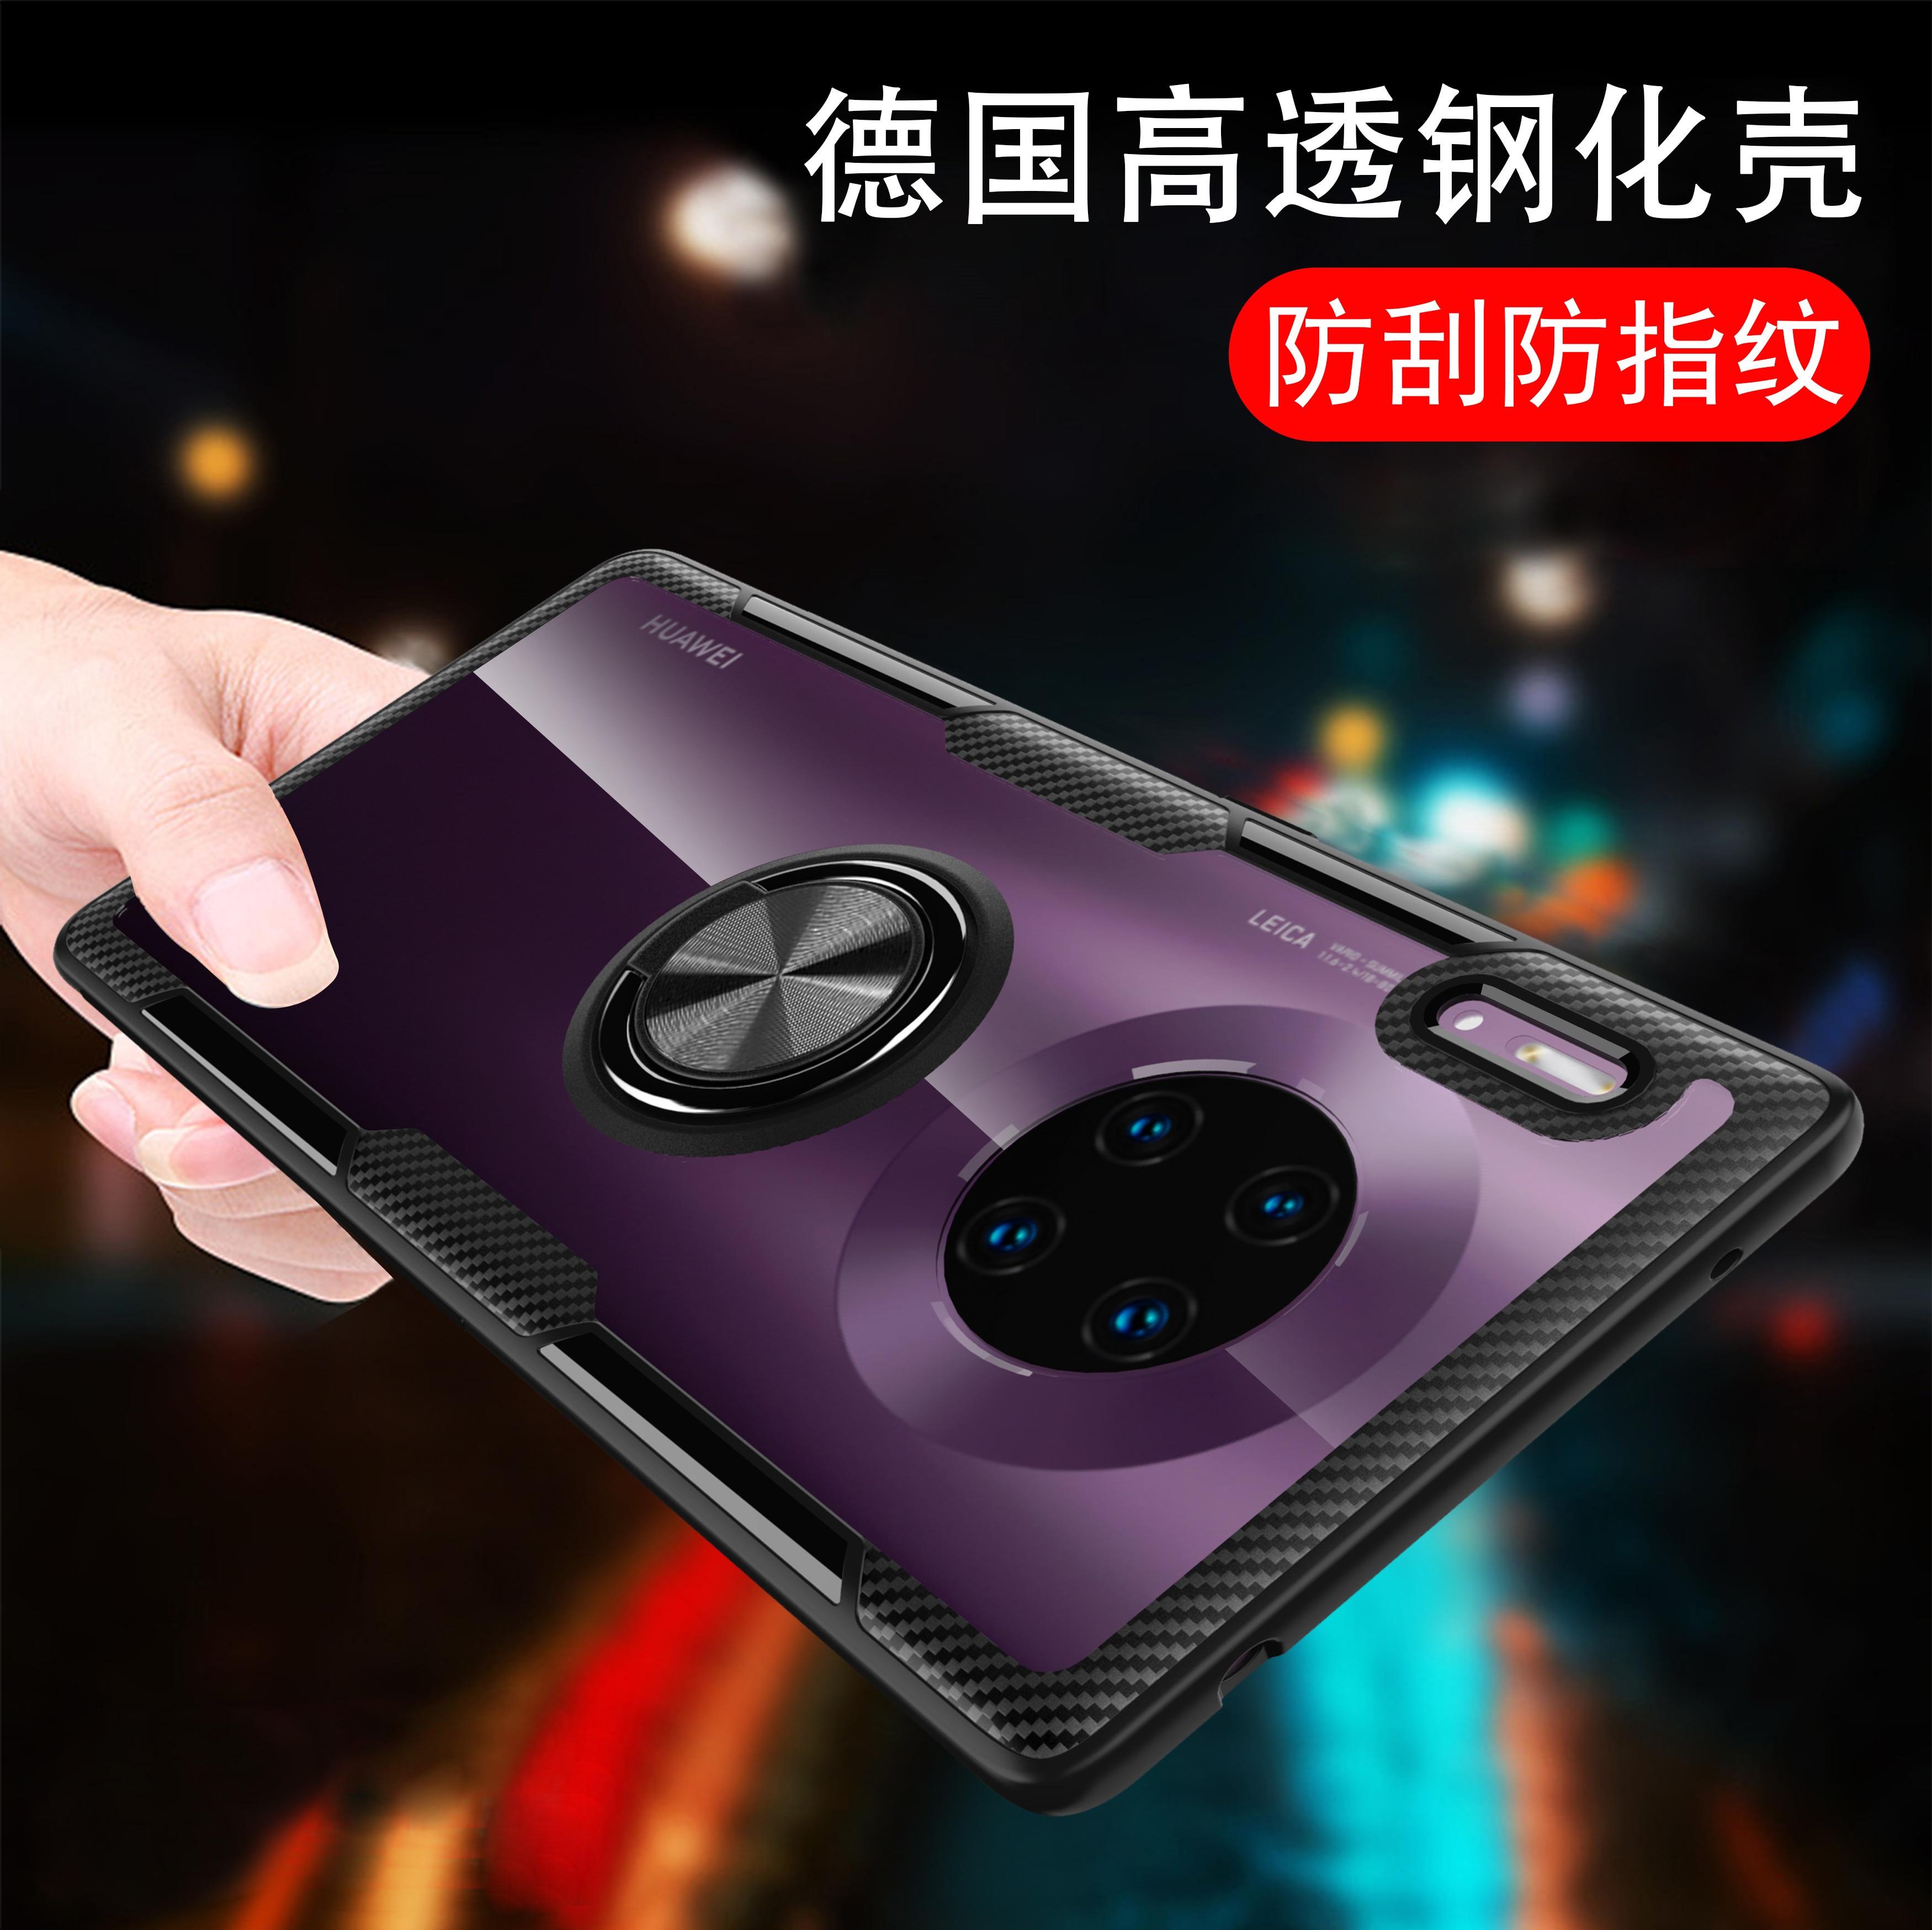 Caso de teléfono transparente para el Huawei Honor Mate 9 10 20X5G P20 Y 8X Max 7X P Smart 2019 jugar Lite Pro magnético funda de soporte con anillo